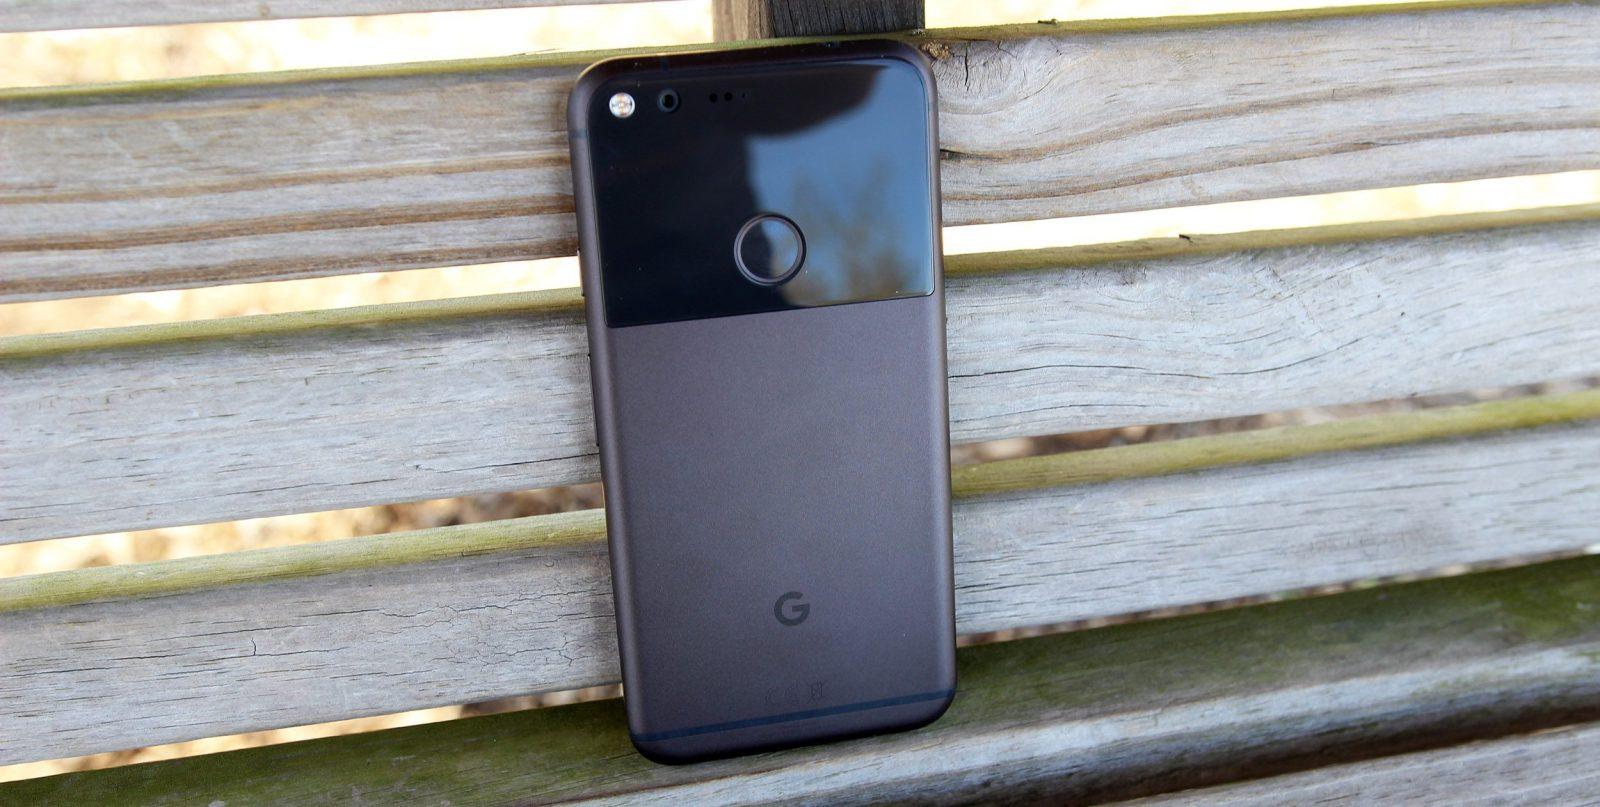 The OG Pixel XL 128GB is $250, plus score deals on Assistant-friendly smart home tech, more